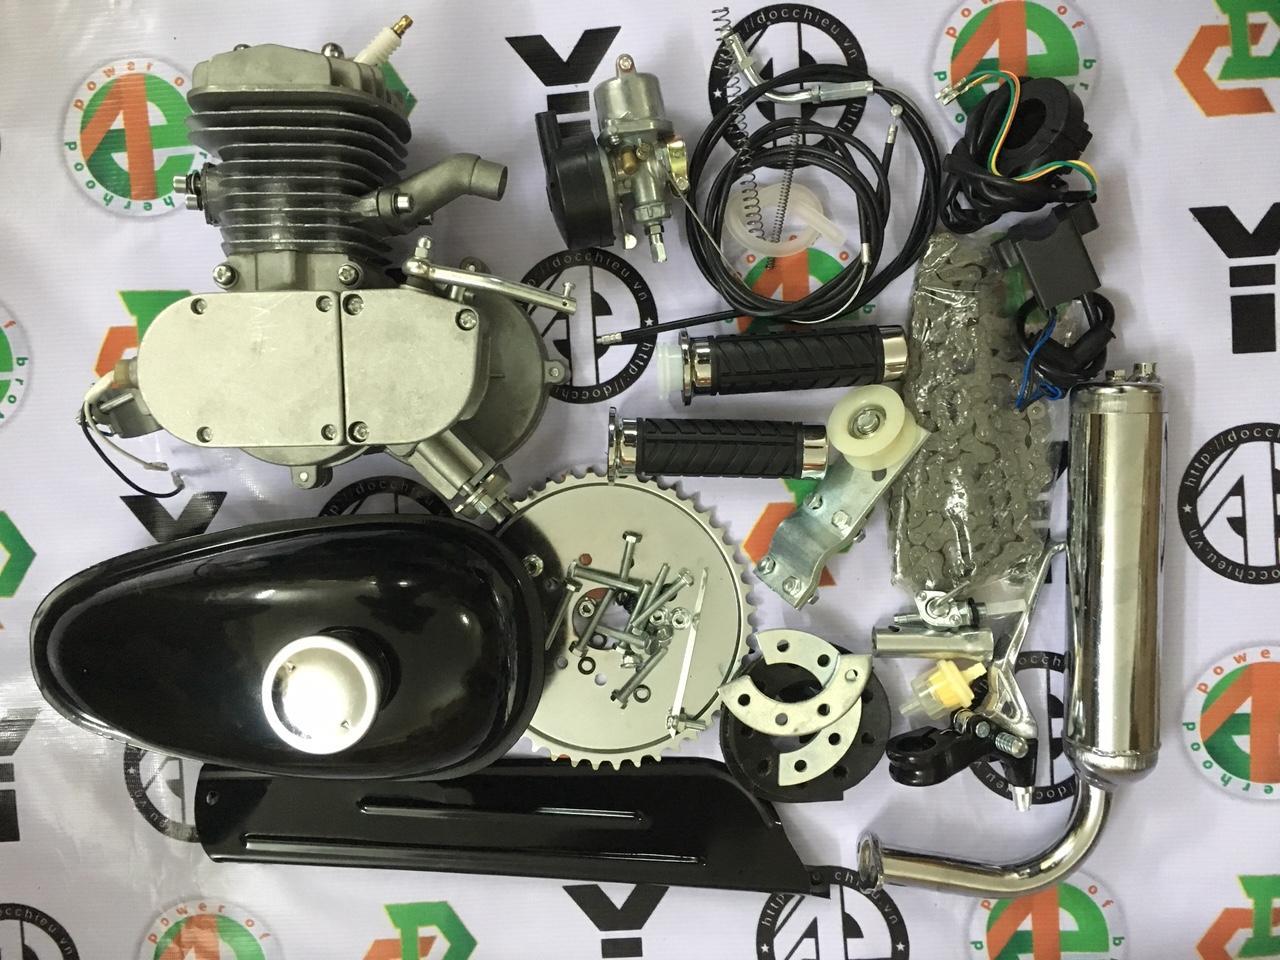 Hình ảnh động cơ gắn xe đạp chạy xăng, động cơ xăng 2 thì chế xe đạp 60cc